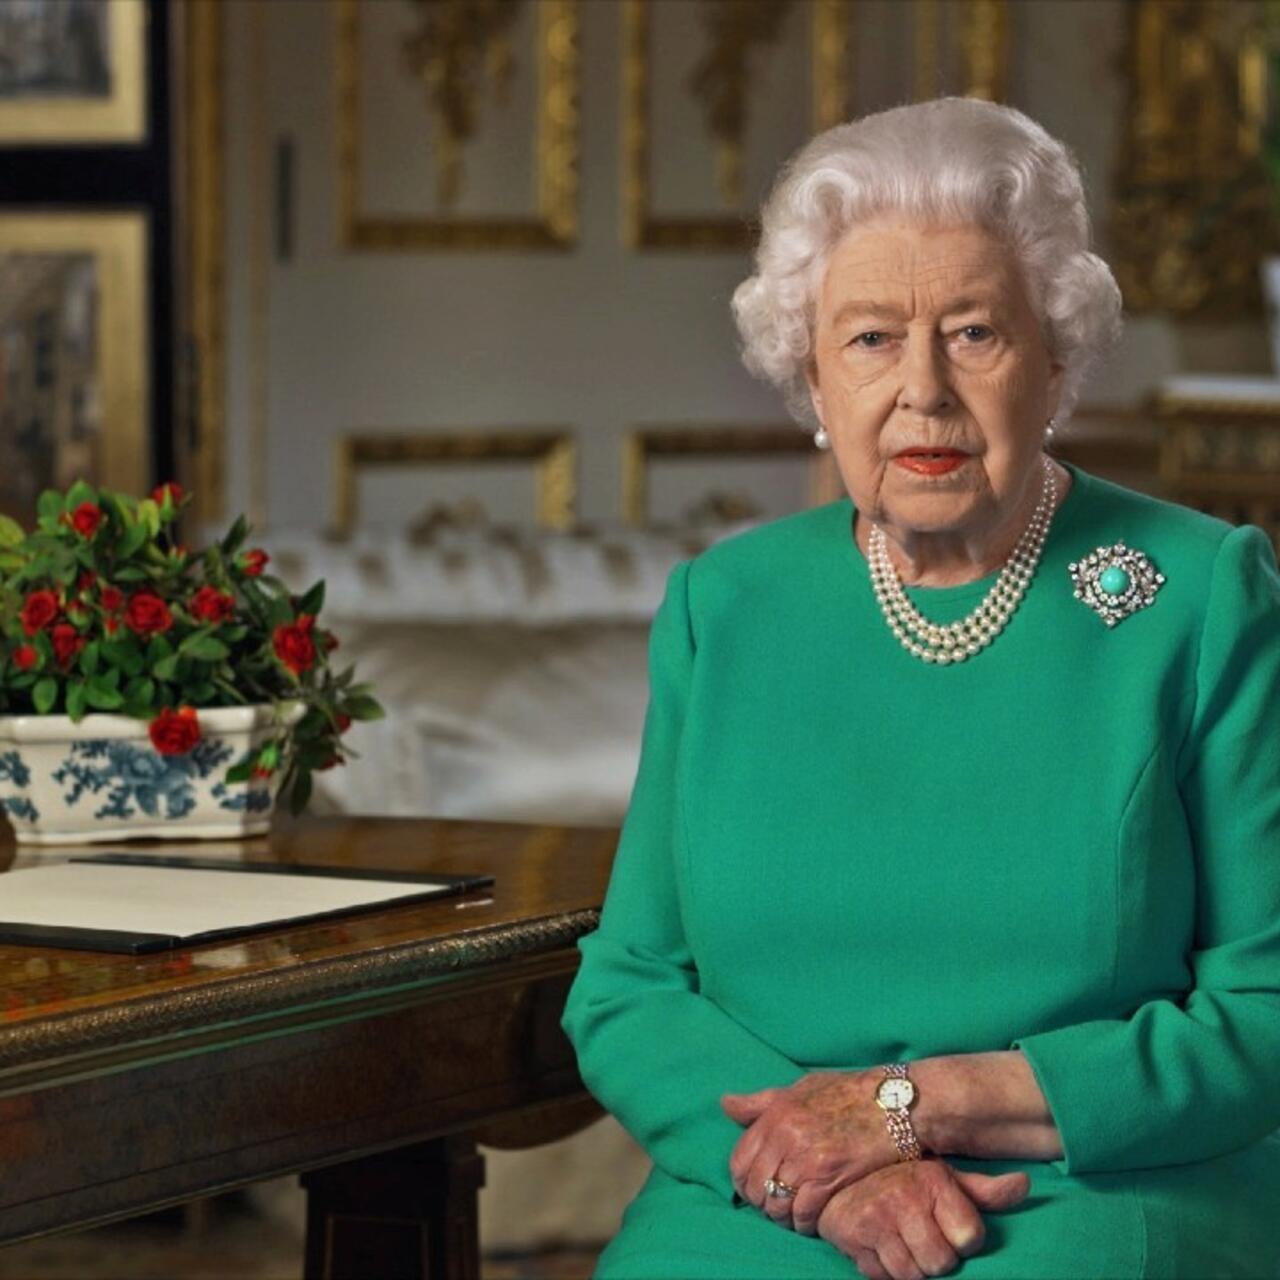 La Reina Isabel Ii Pronuncio Un Historico Discurso A Raiz De La Crisis Provocada Por El Covid 19